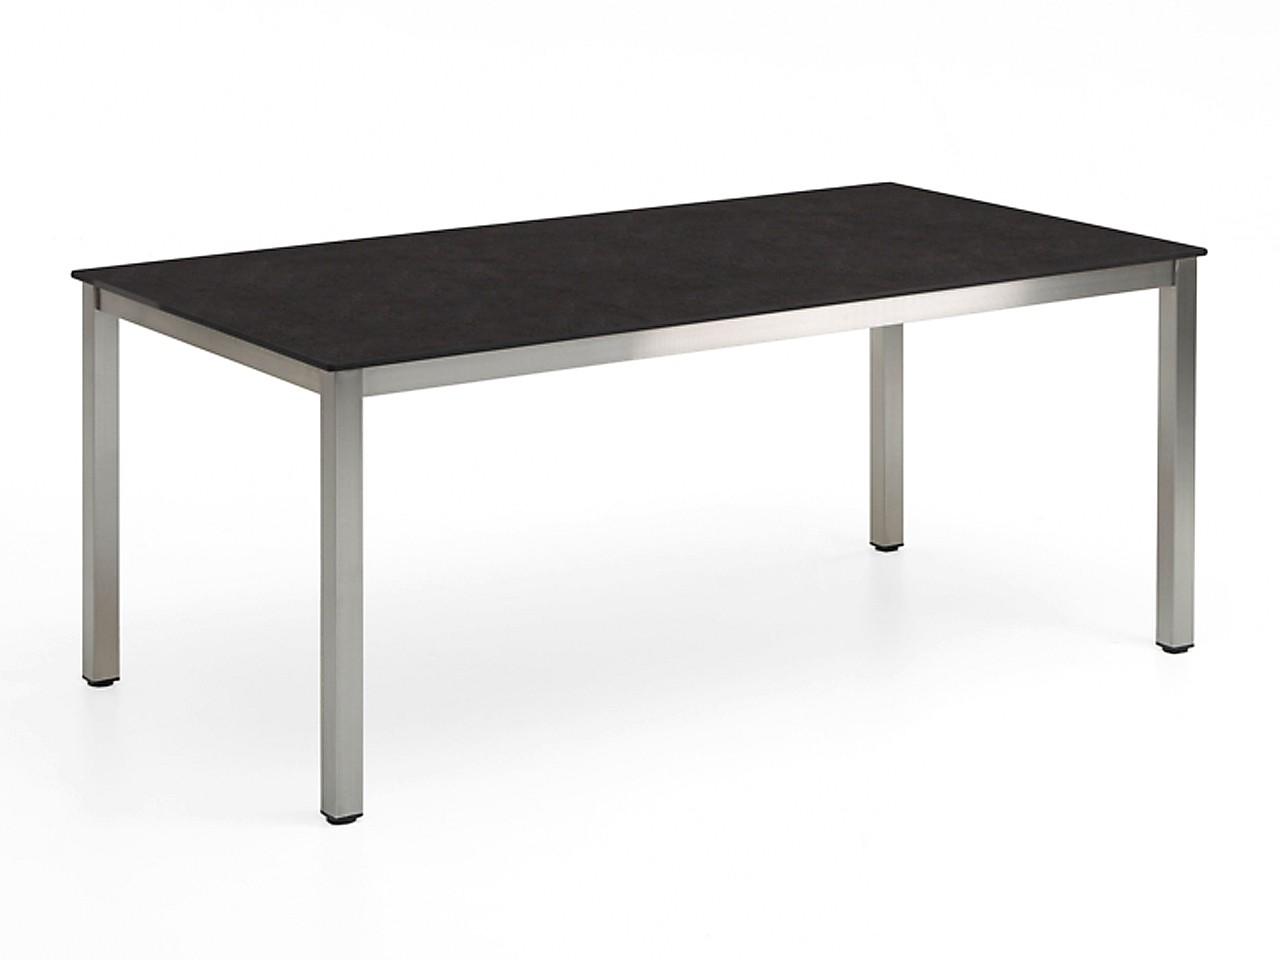 Niehoff Gartentisch Nelson G573.006.056 173x95 cm Granit